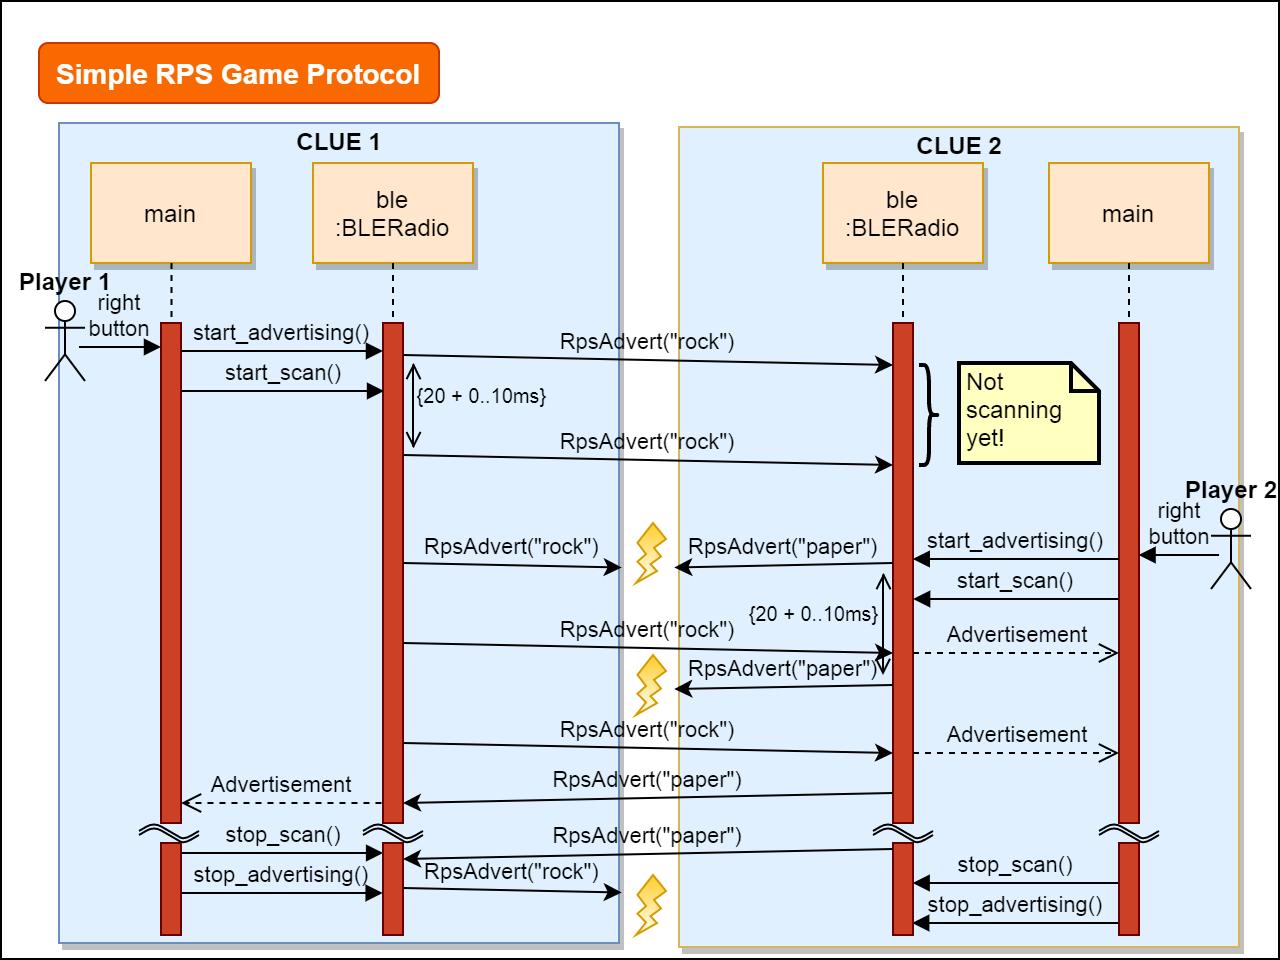 circuitpython_simple-rpsgame-protocol-v6.png